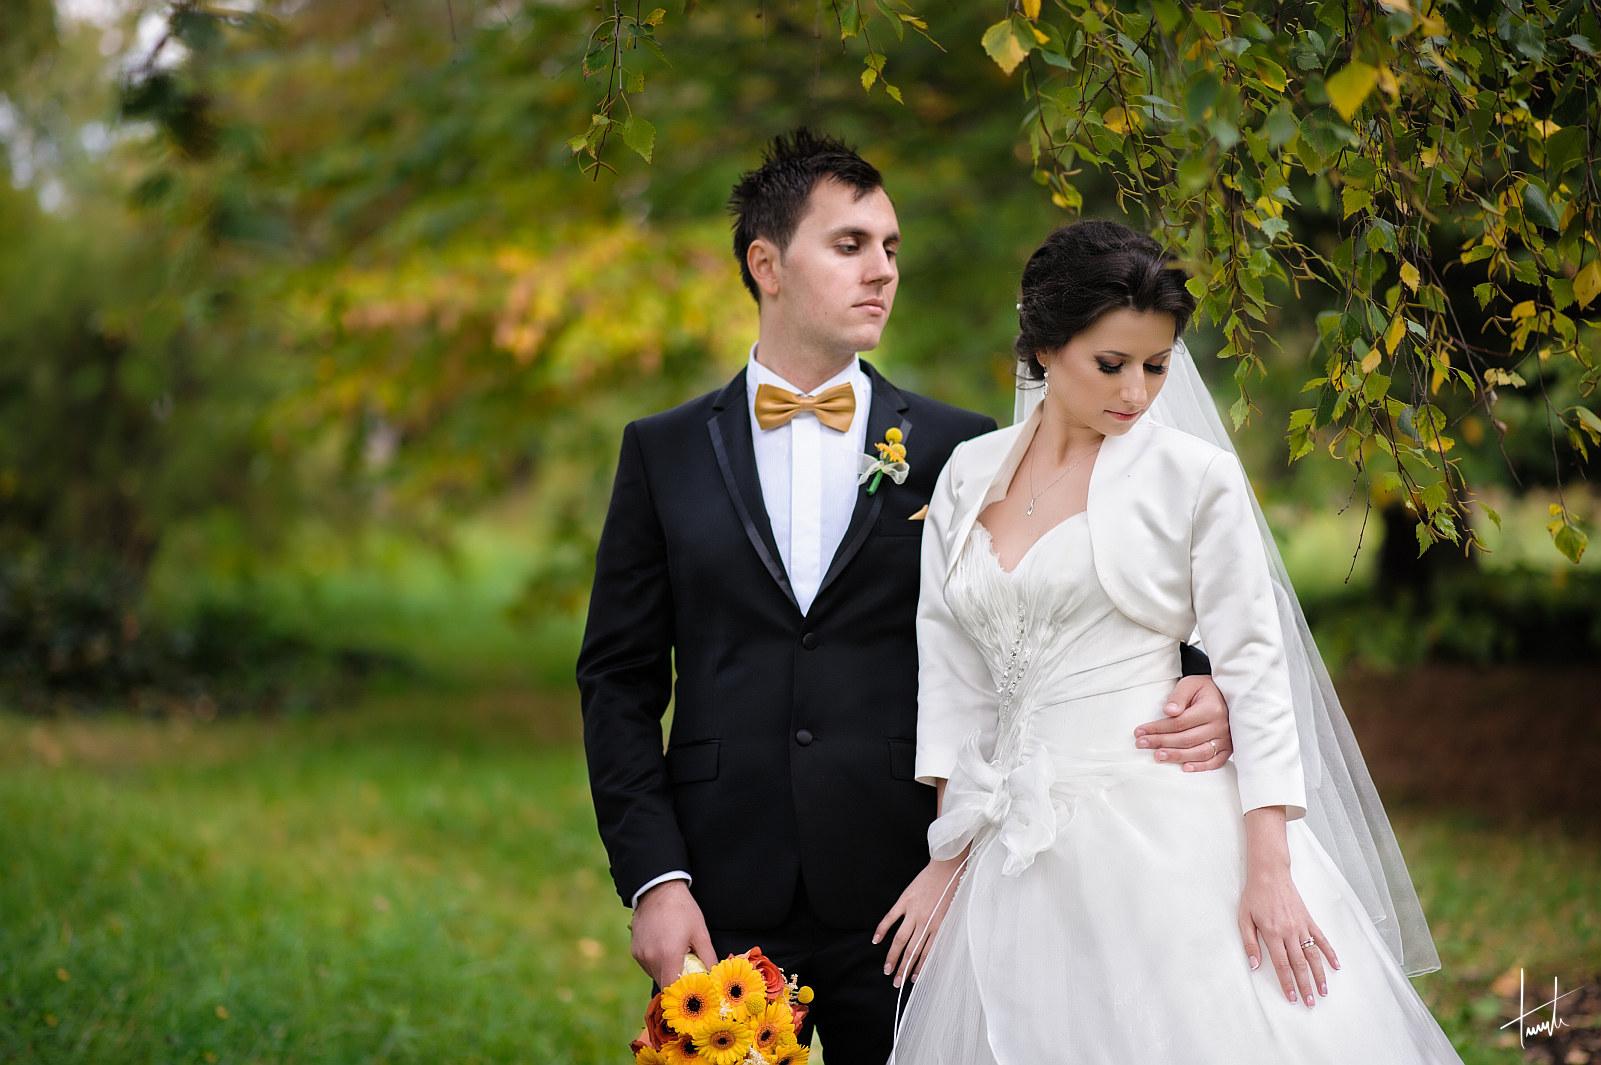 fotograf nunta iasi - Bogdan Terente - Irina Iulian 05